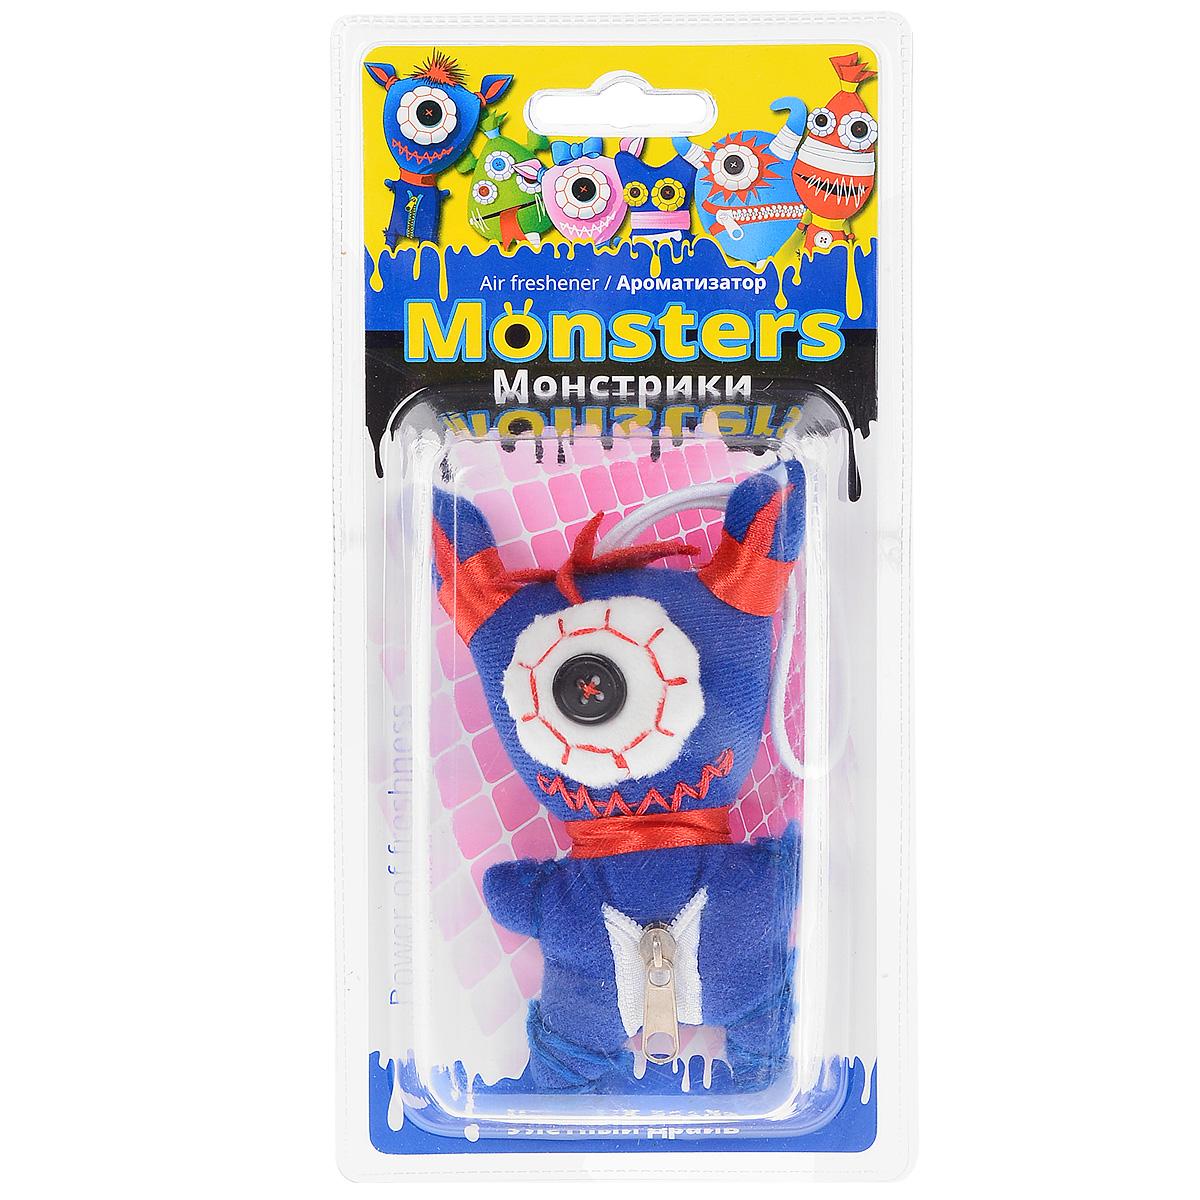 Ароматизатор для салона автомобиля Sapfire Monsters, улетный драйвSAT-2068_синийПодвесной ароматизатор для салона автомобиля Sapfire Monsters имеет приятный аромат. Изделие представляет собой забавную текстильную игрушку, пропитанную ароматическими маслами. Приятные стойкий аромат и забавный монстрик создадут позитивную атмосферу в автомобиле и сделают дорогу веселее. Состав: полимеры, ароматические масла.